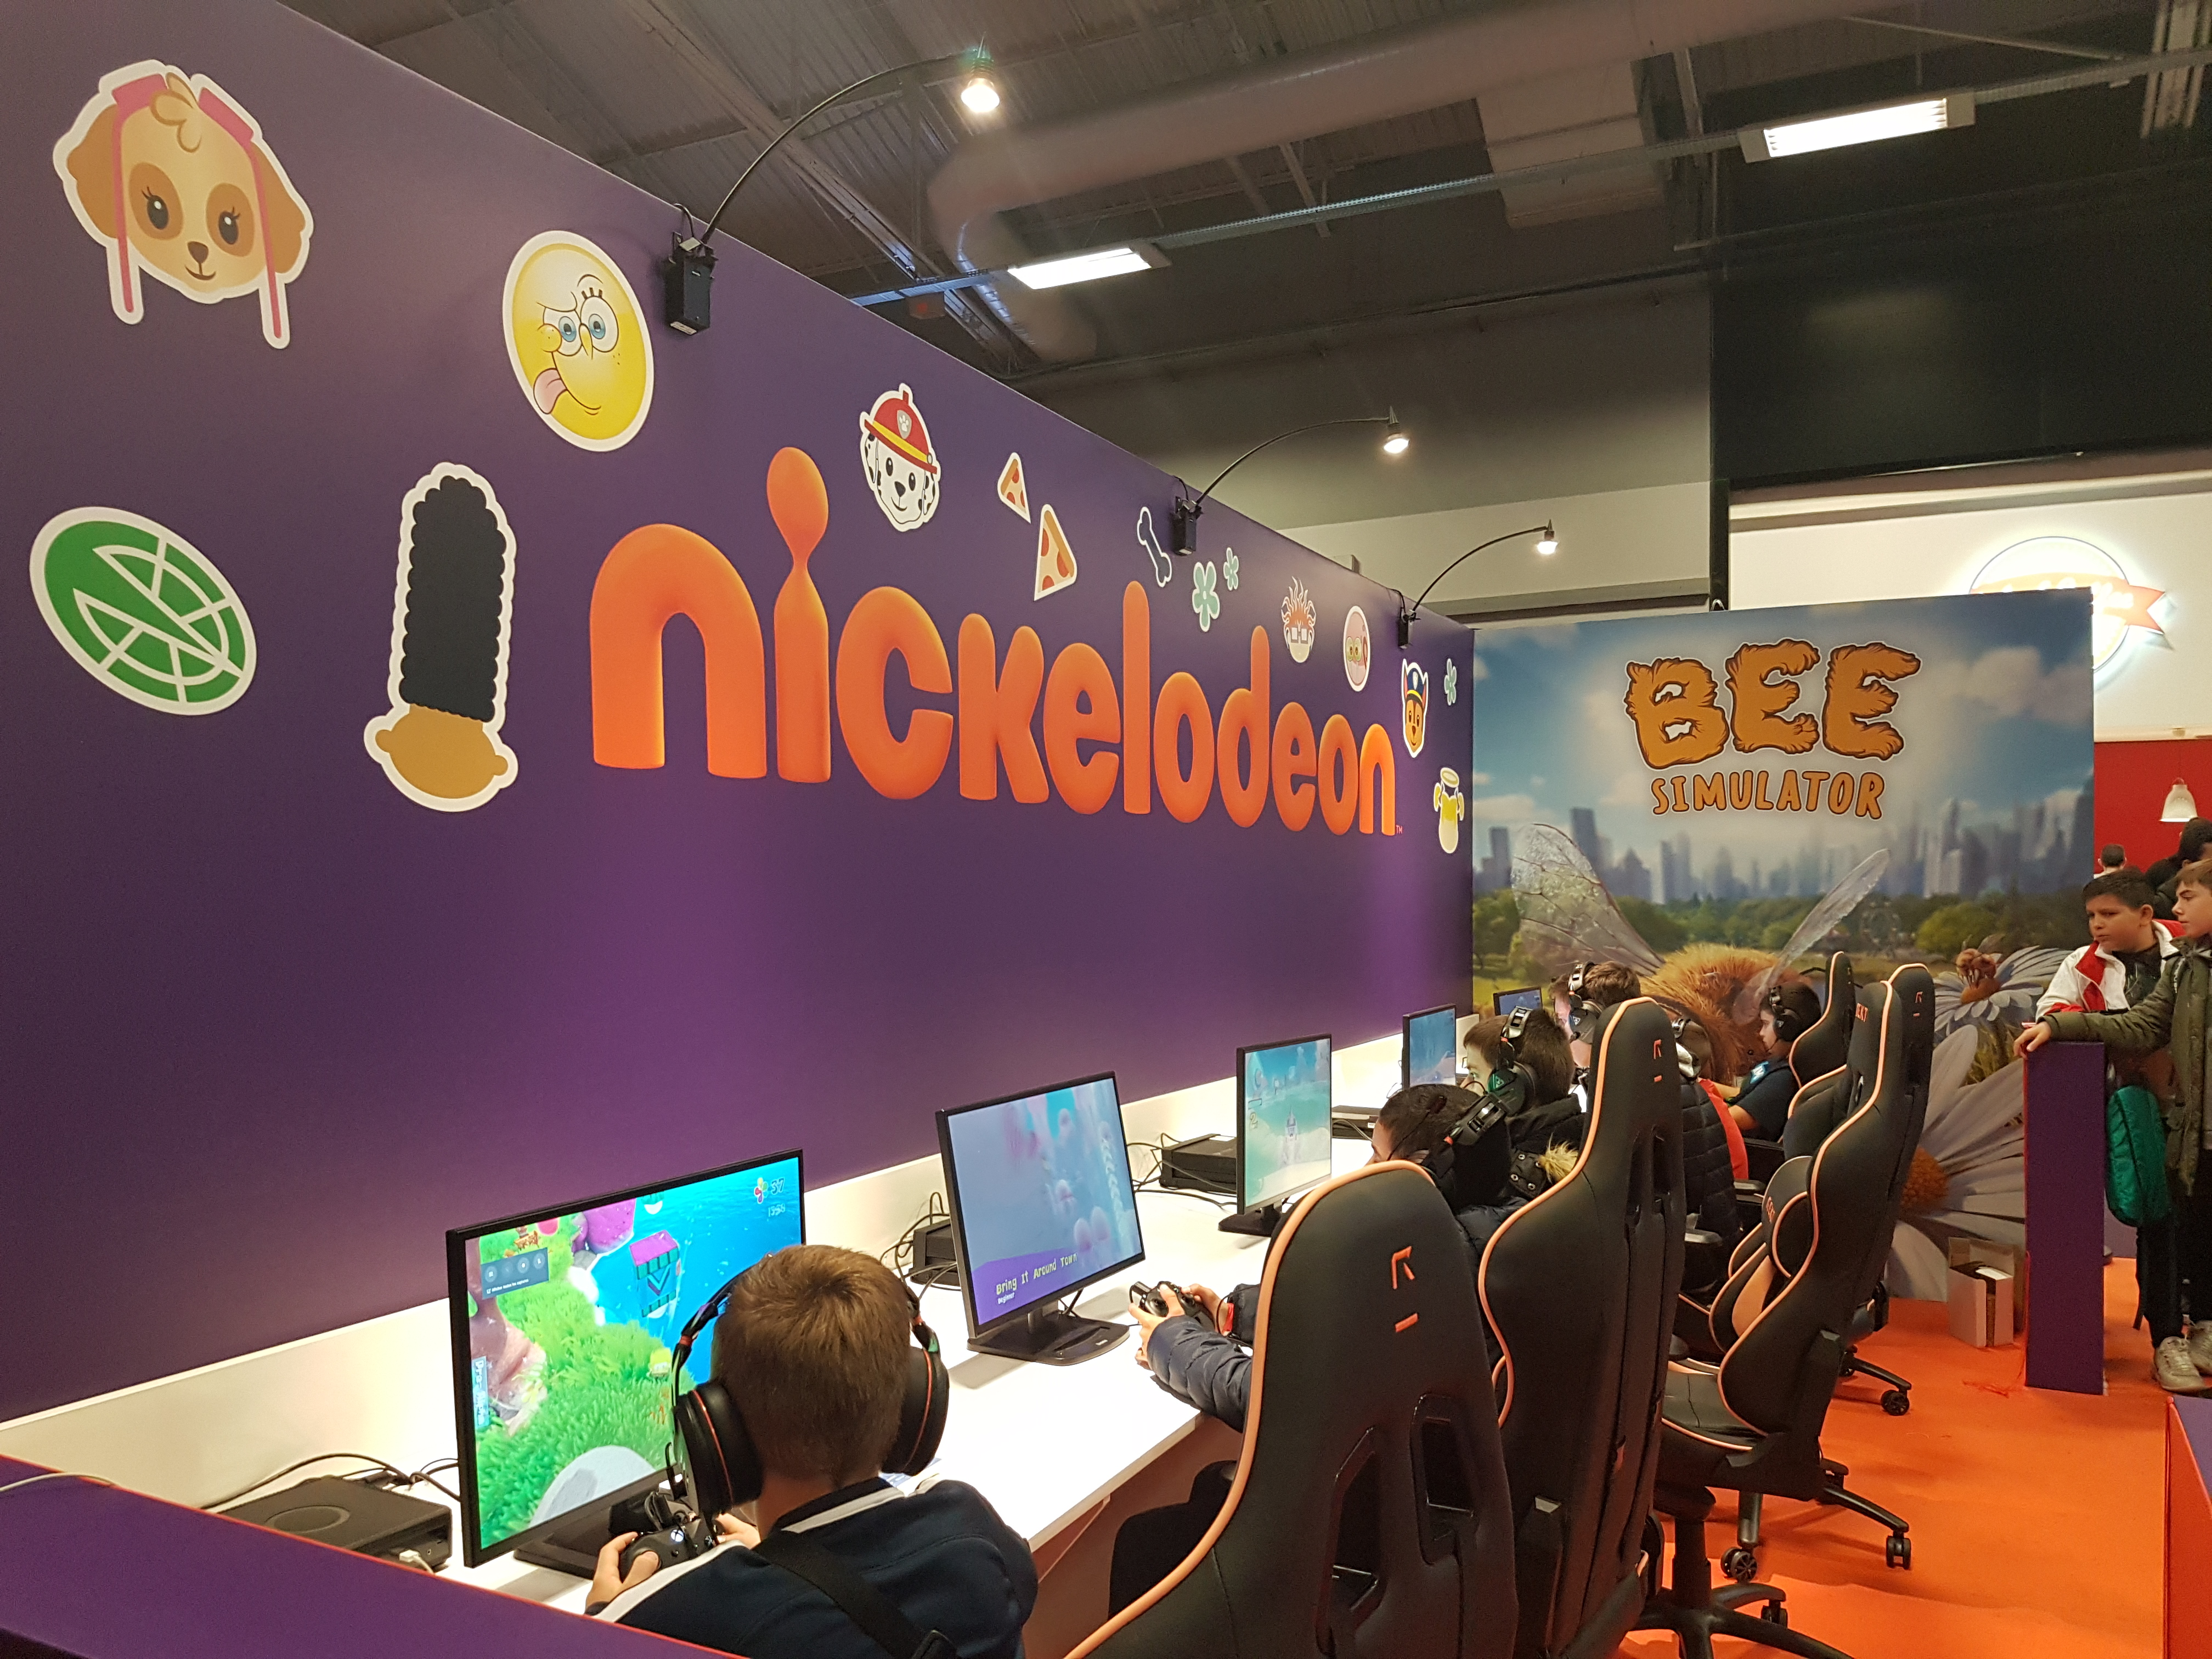 Nickelodeon_6